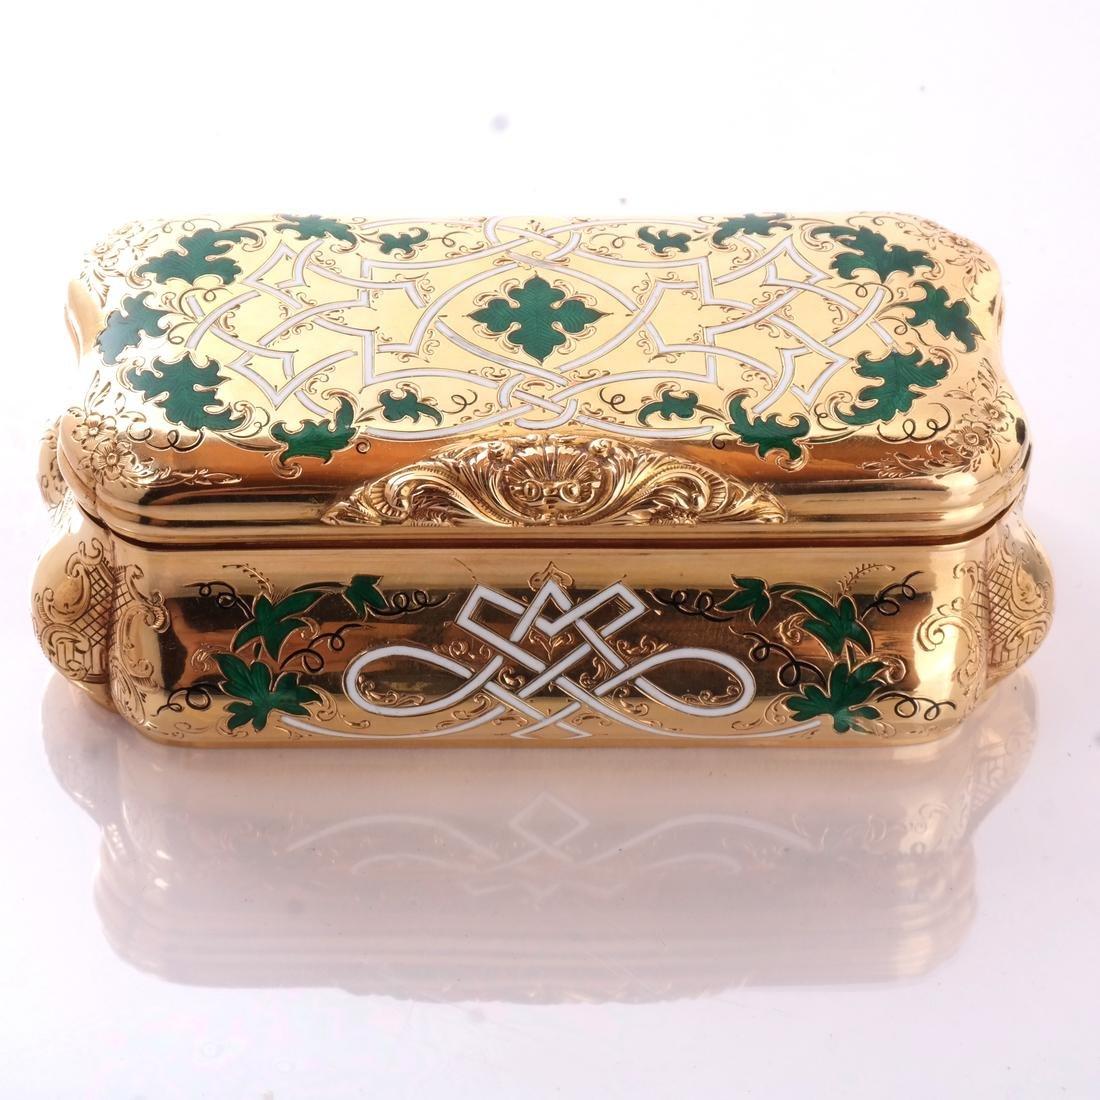 14k Yellow Gold & Enamel Box - 2